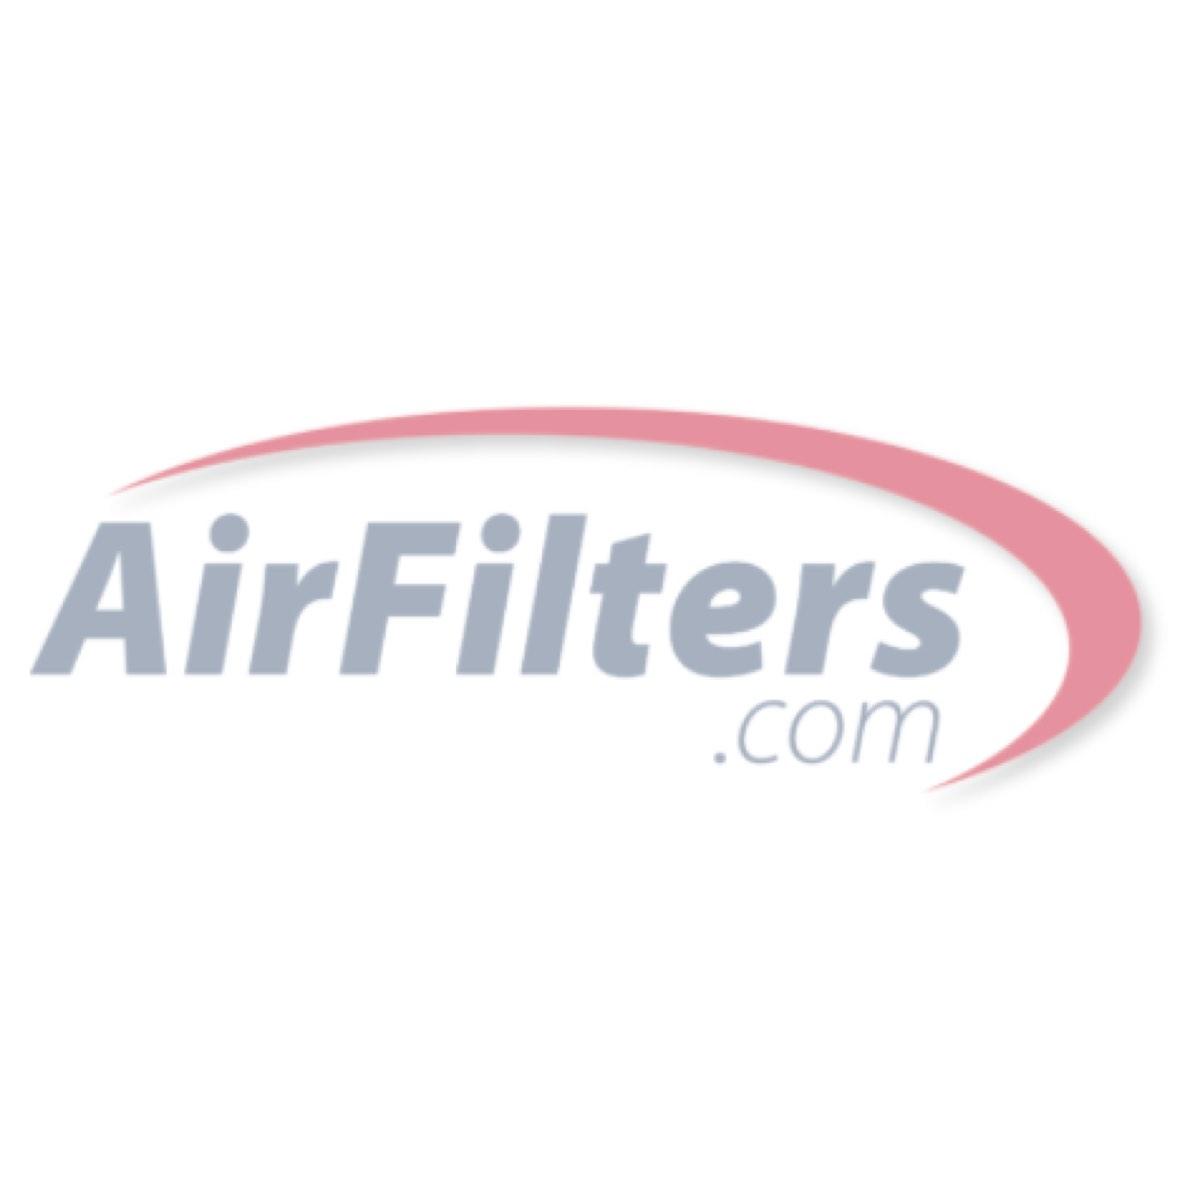 Accumulair Platinum MERV 11 Filters - 6 Inch